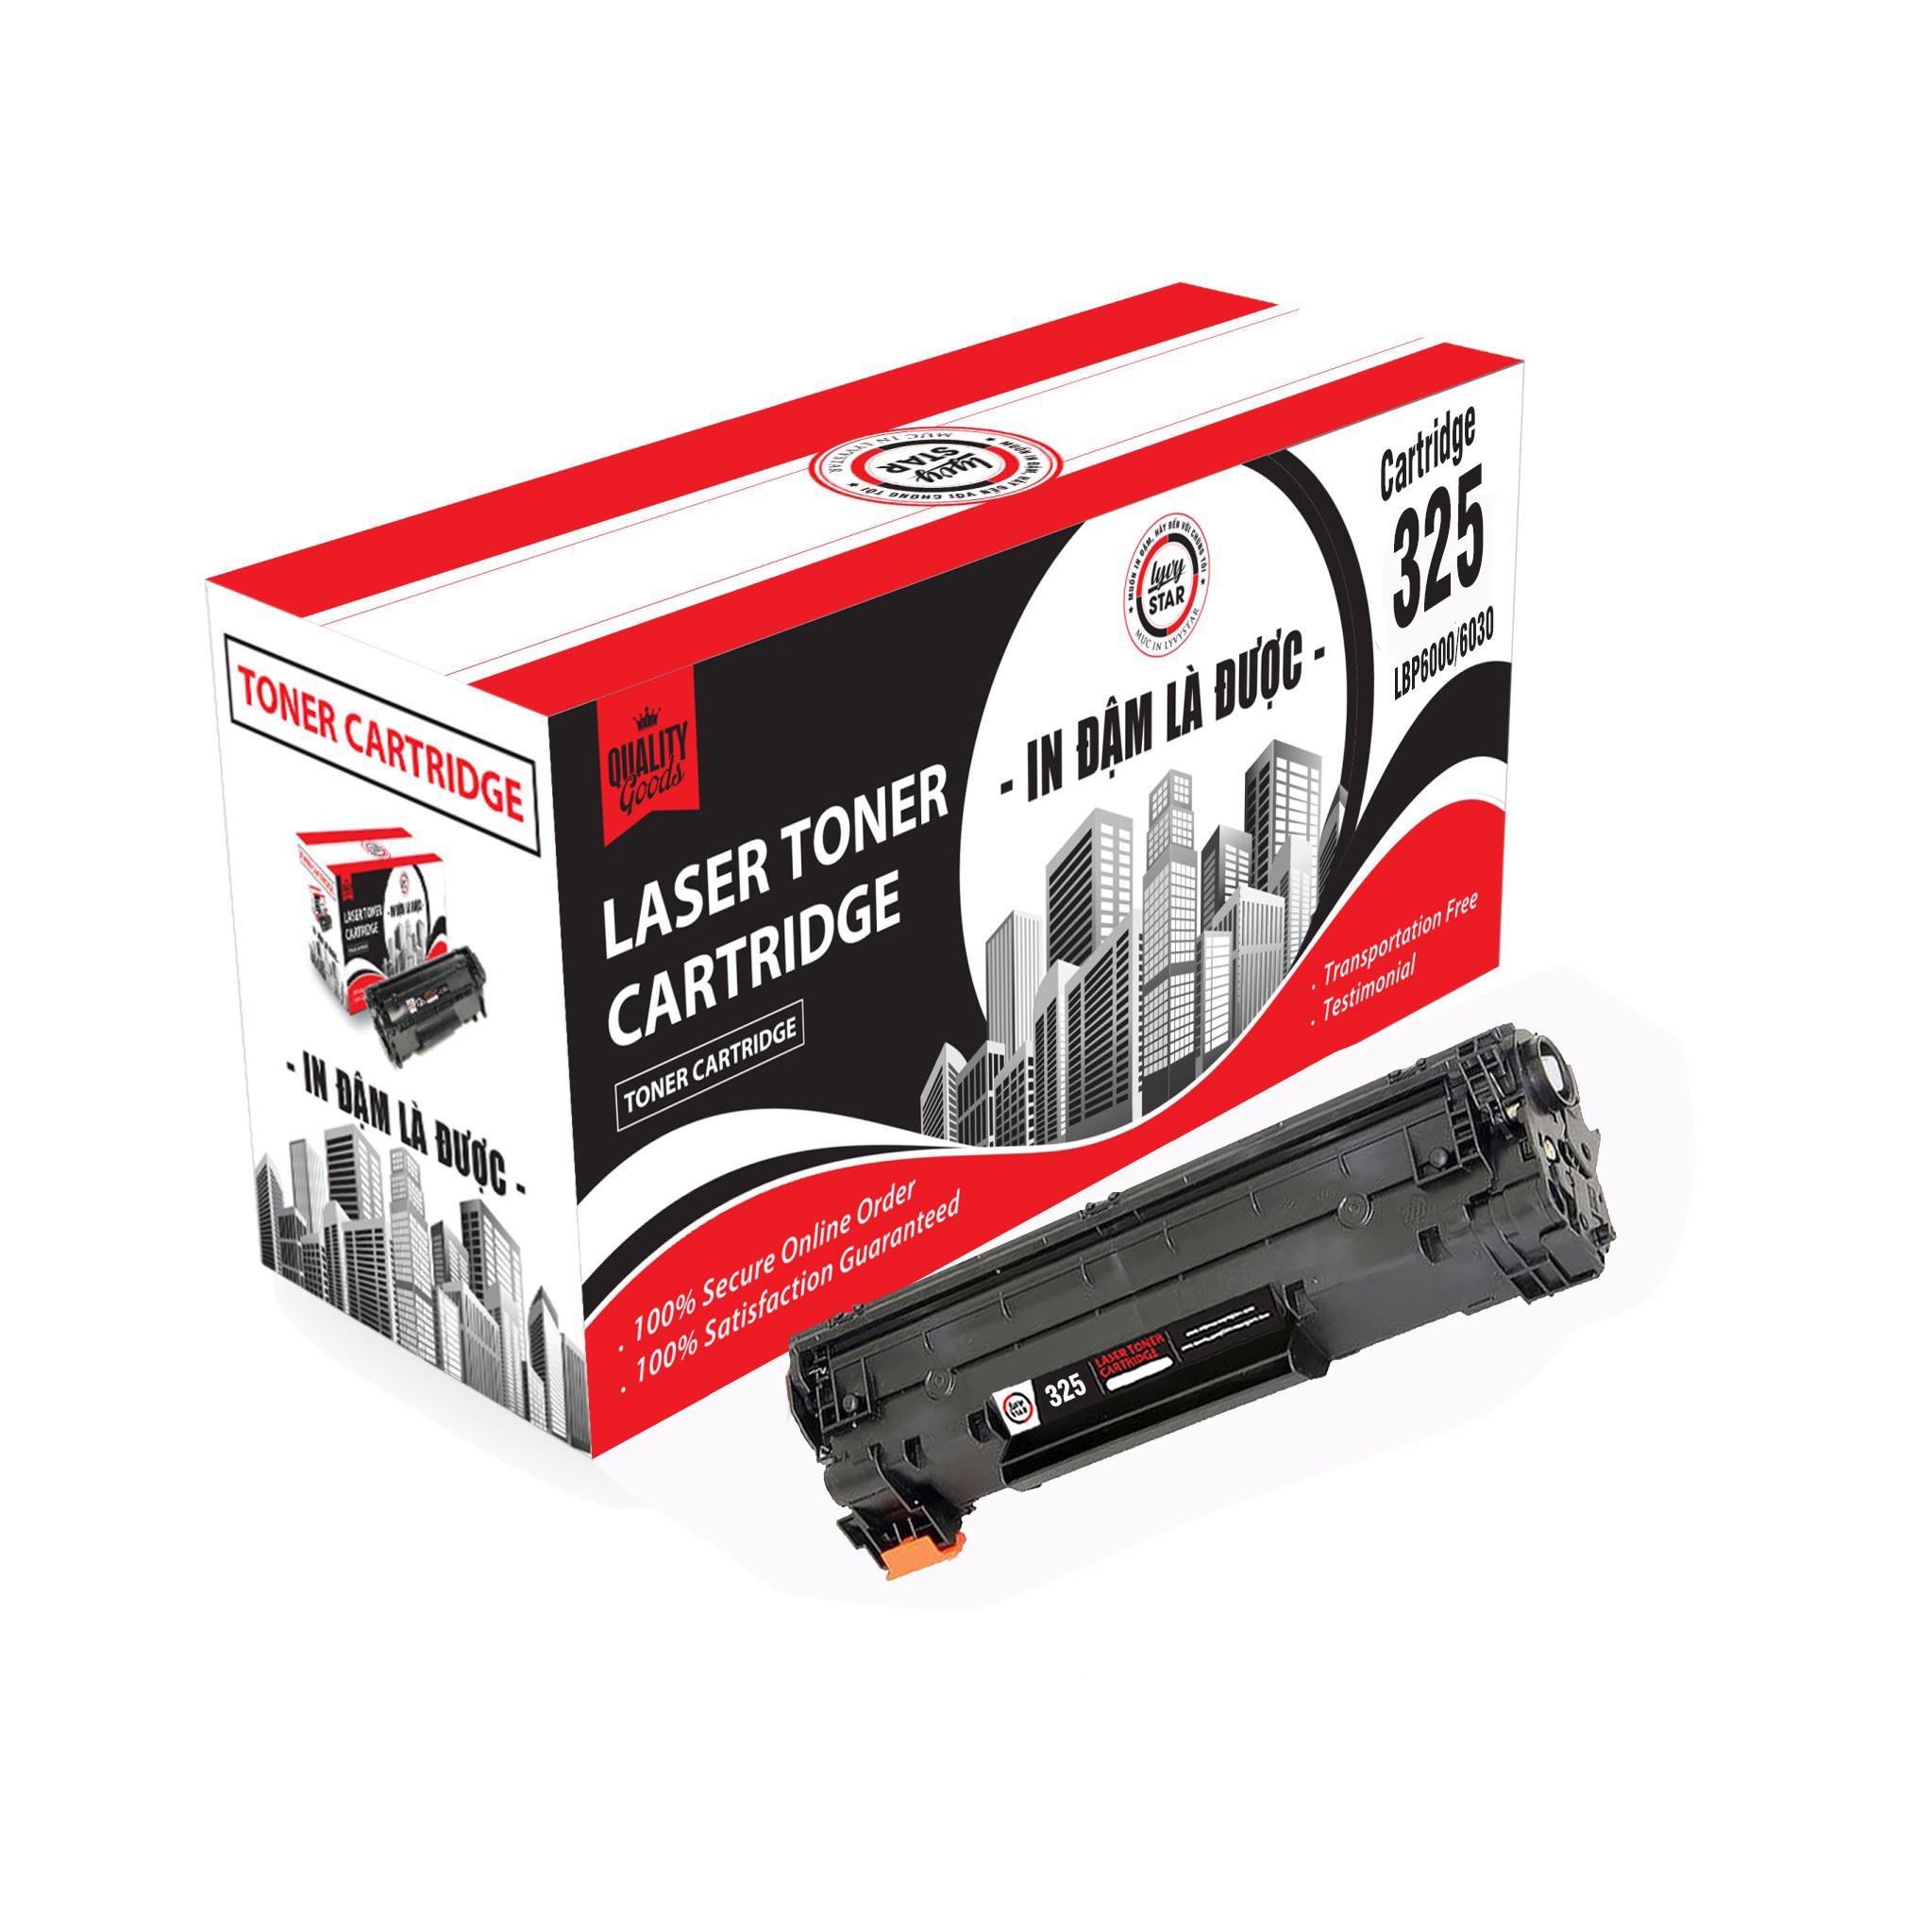 Hộp mực Lyvystar 325 sử dụng cho máy in Canon LBP 3010 - Hàng chính hãng